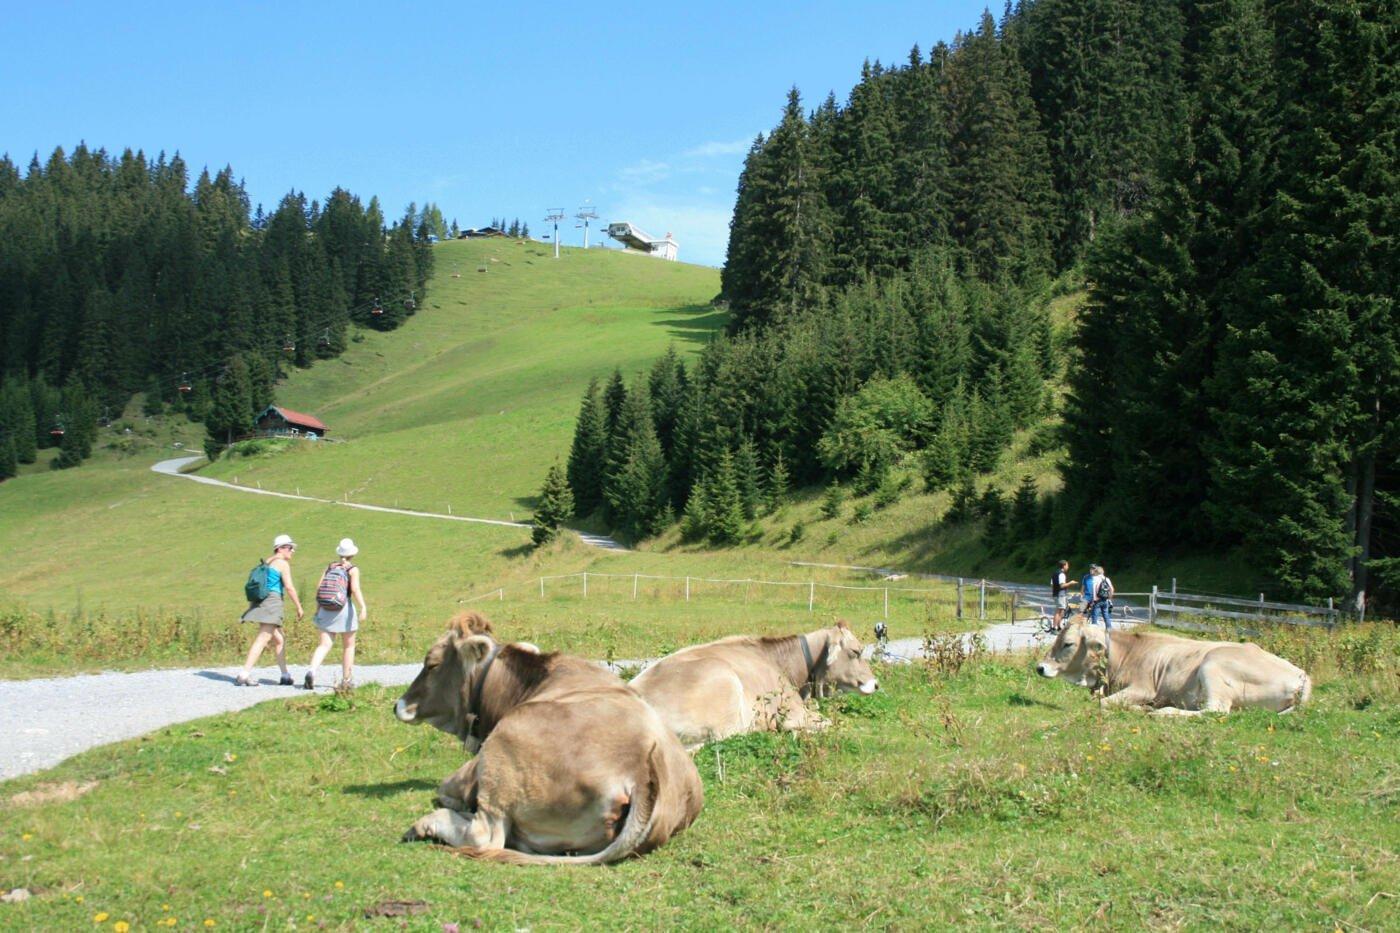 Berwang: Hiking with the Bergbahnen Berwang – Tiroler Zugspitz Arena